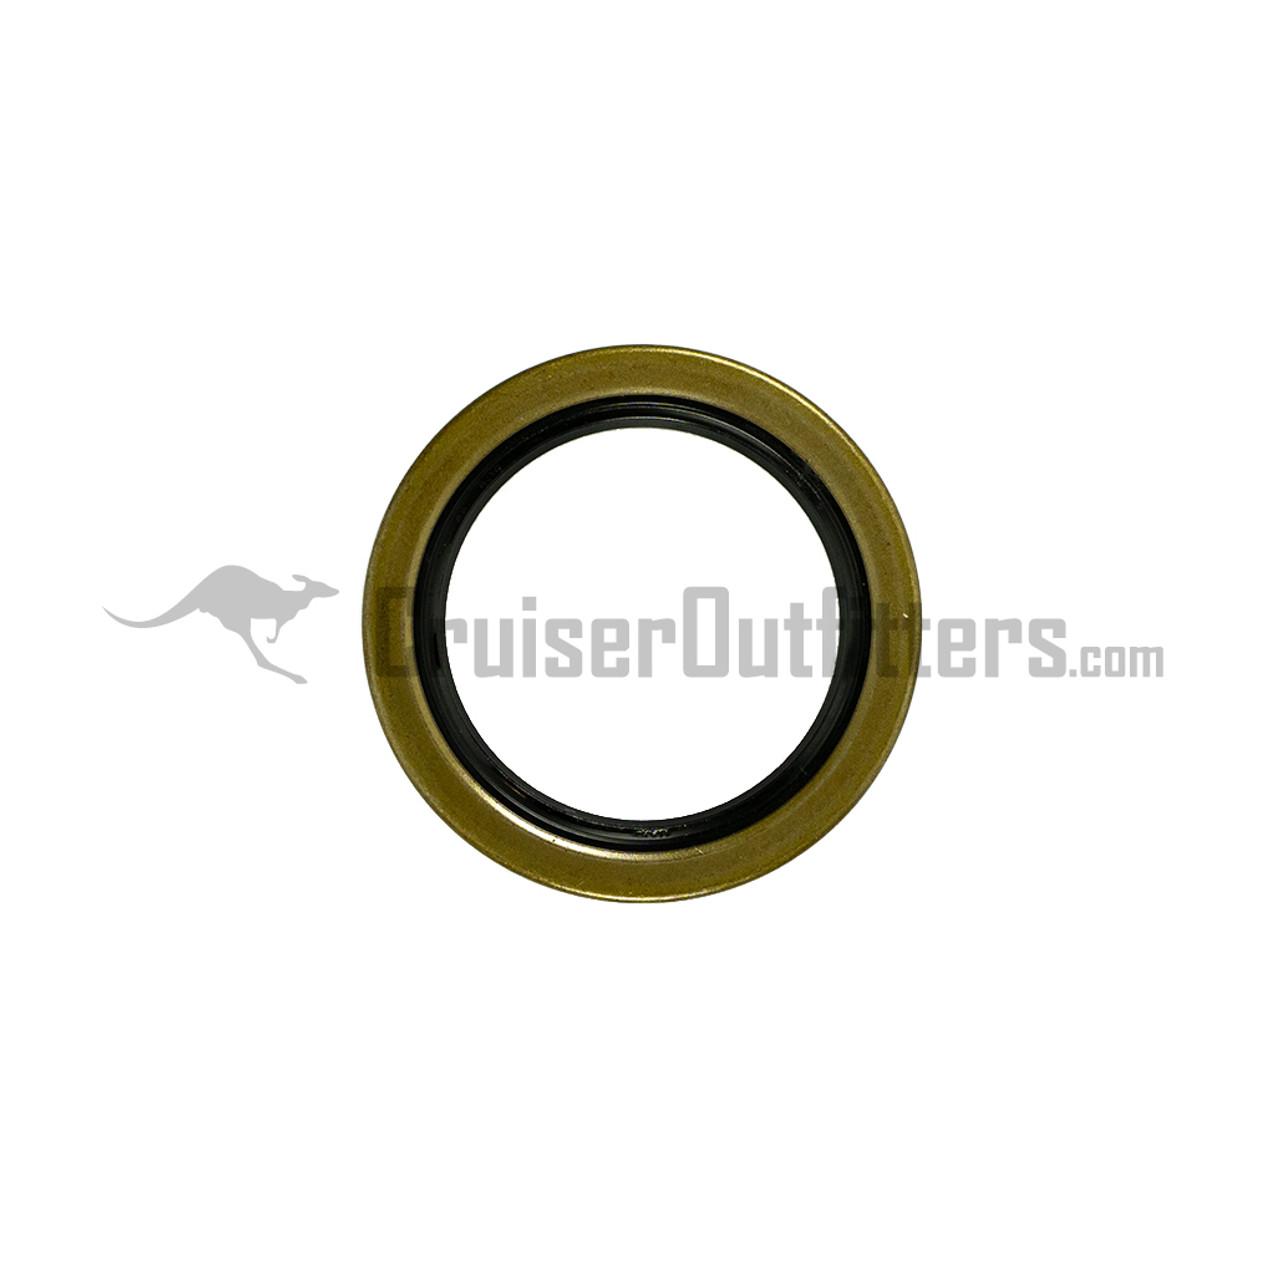 HG62001 - Wheel Bearing Seal